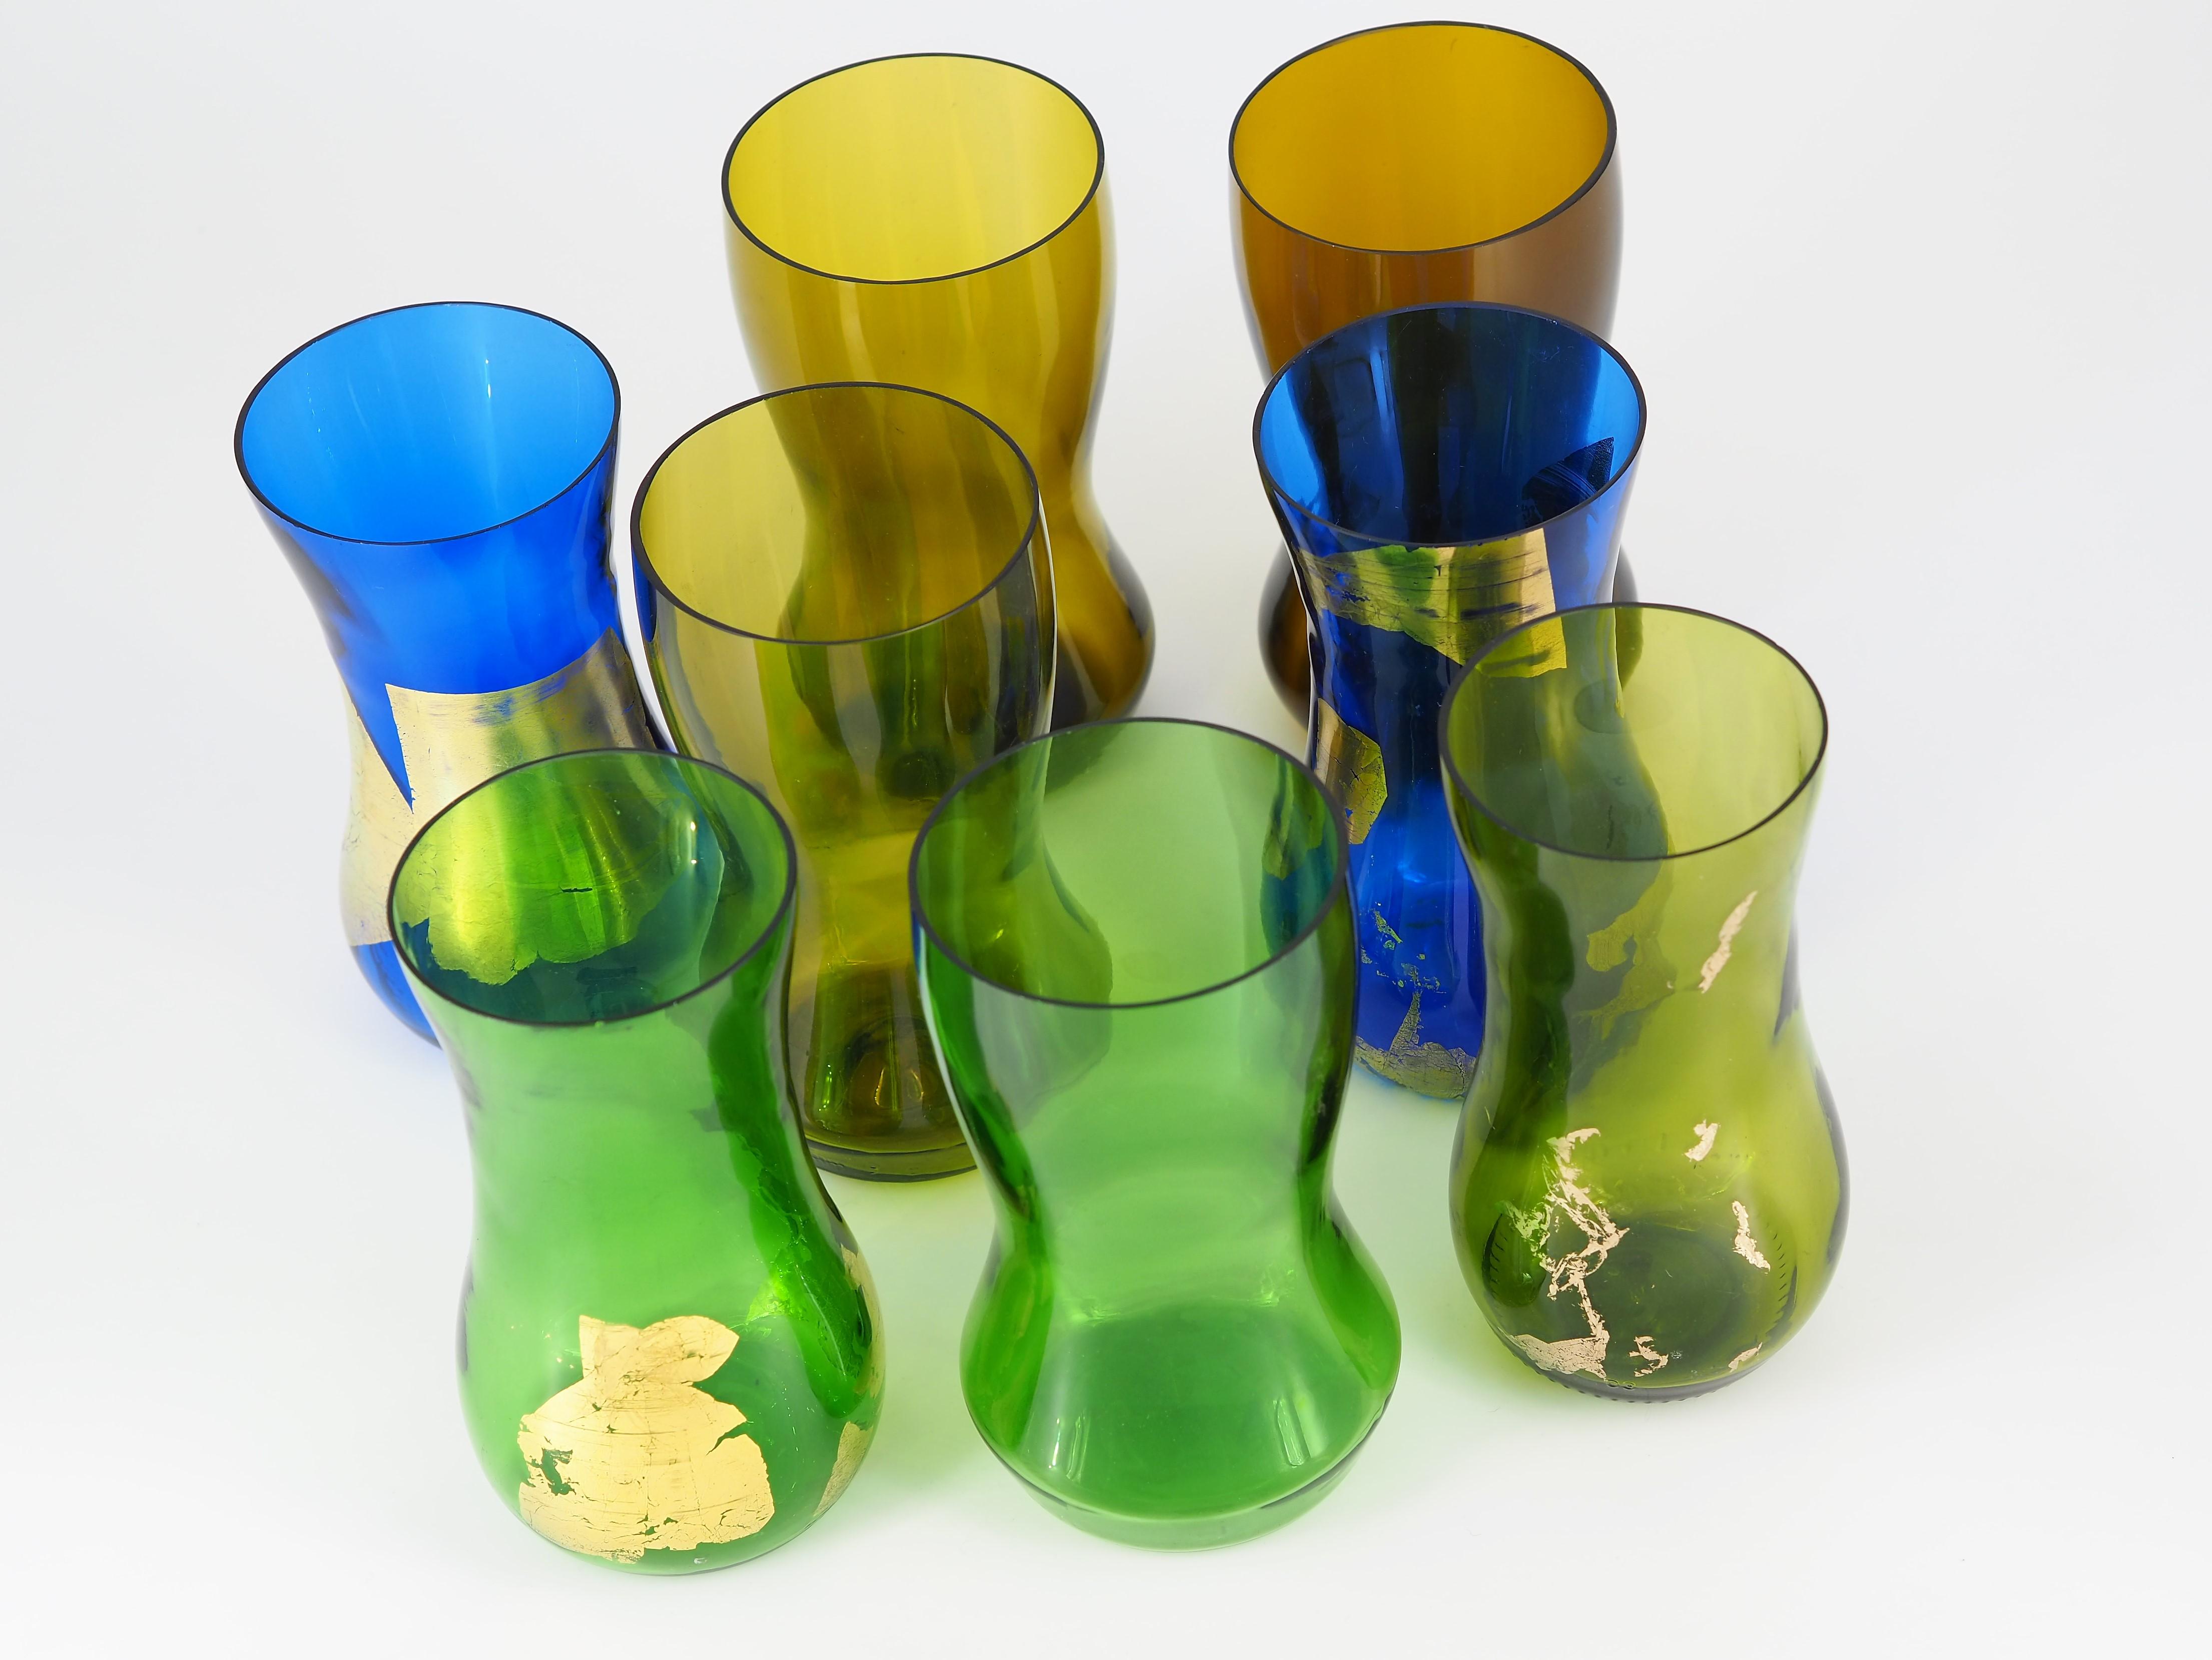 """Kolekcja ekologicznych wazonów """"Re-Vase"""", w kolorach: niebieskim, zielonym i żółtym, ze złotymi elementami."""